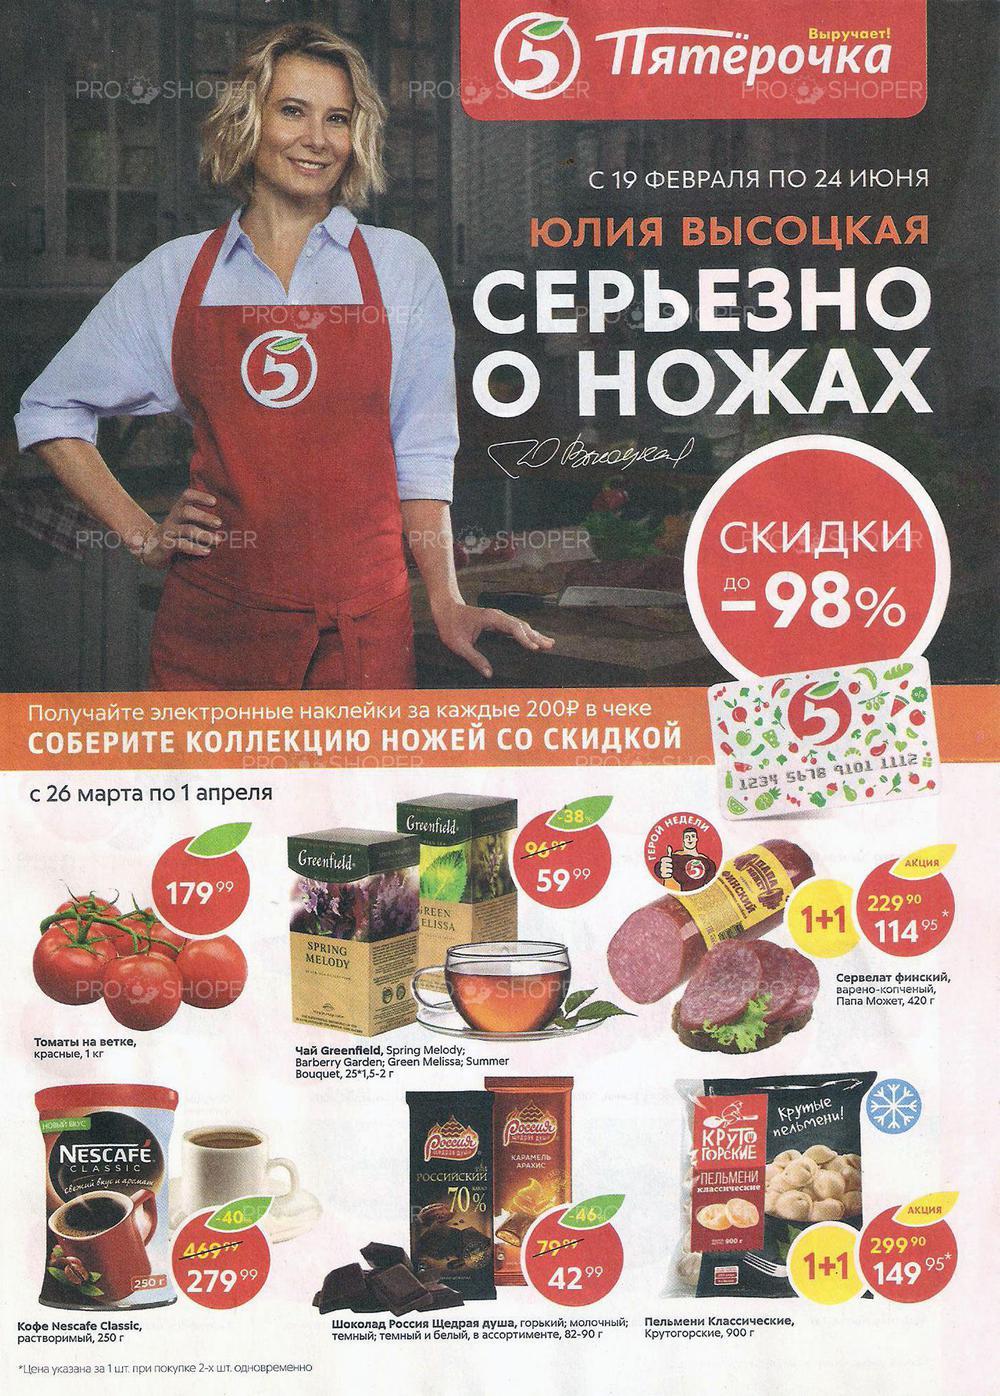 Акции в Пятерочке с 26 марта по 1 апреля 2019